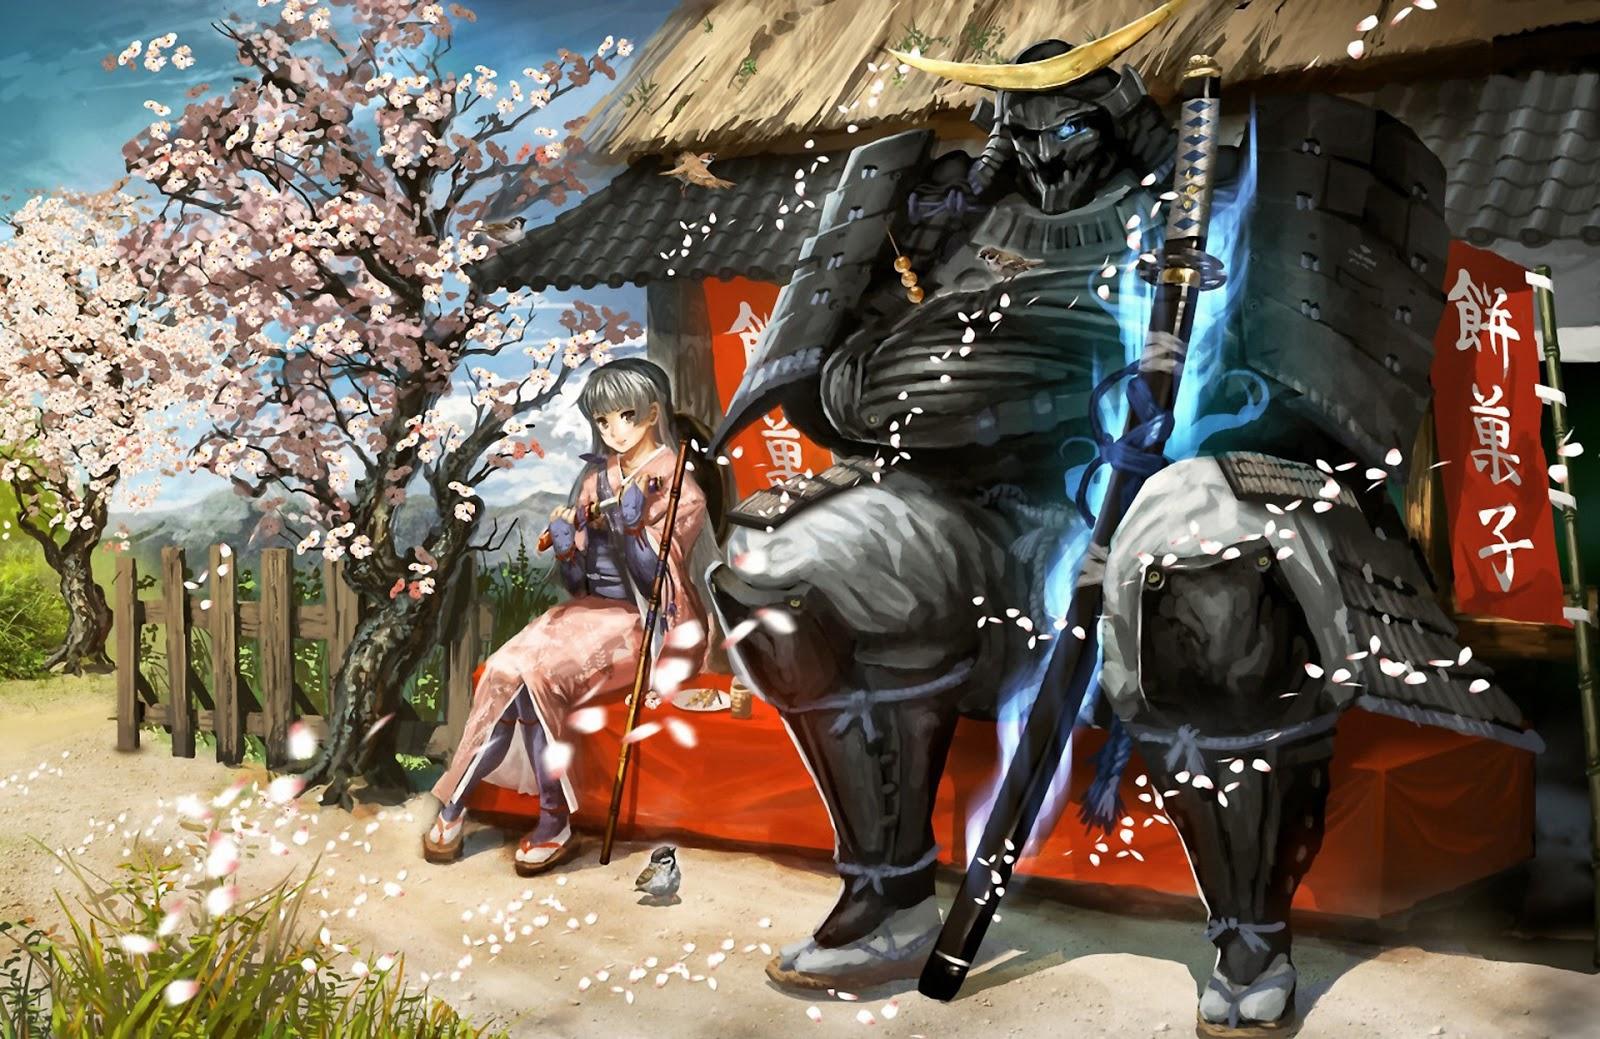 Самурай икс аниме игры 3 фотография